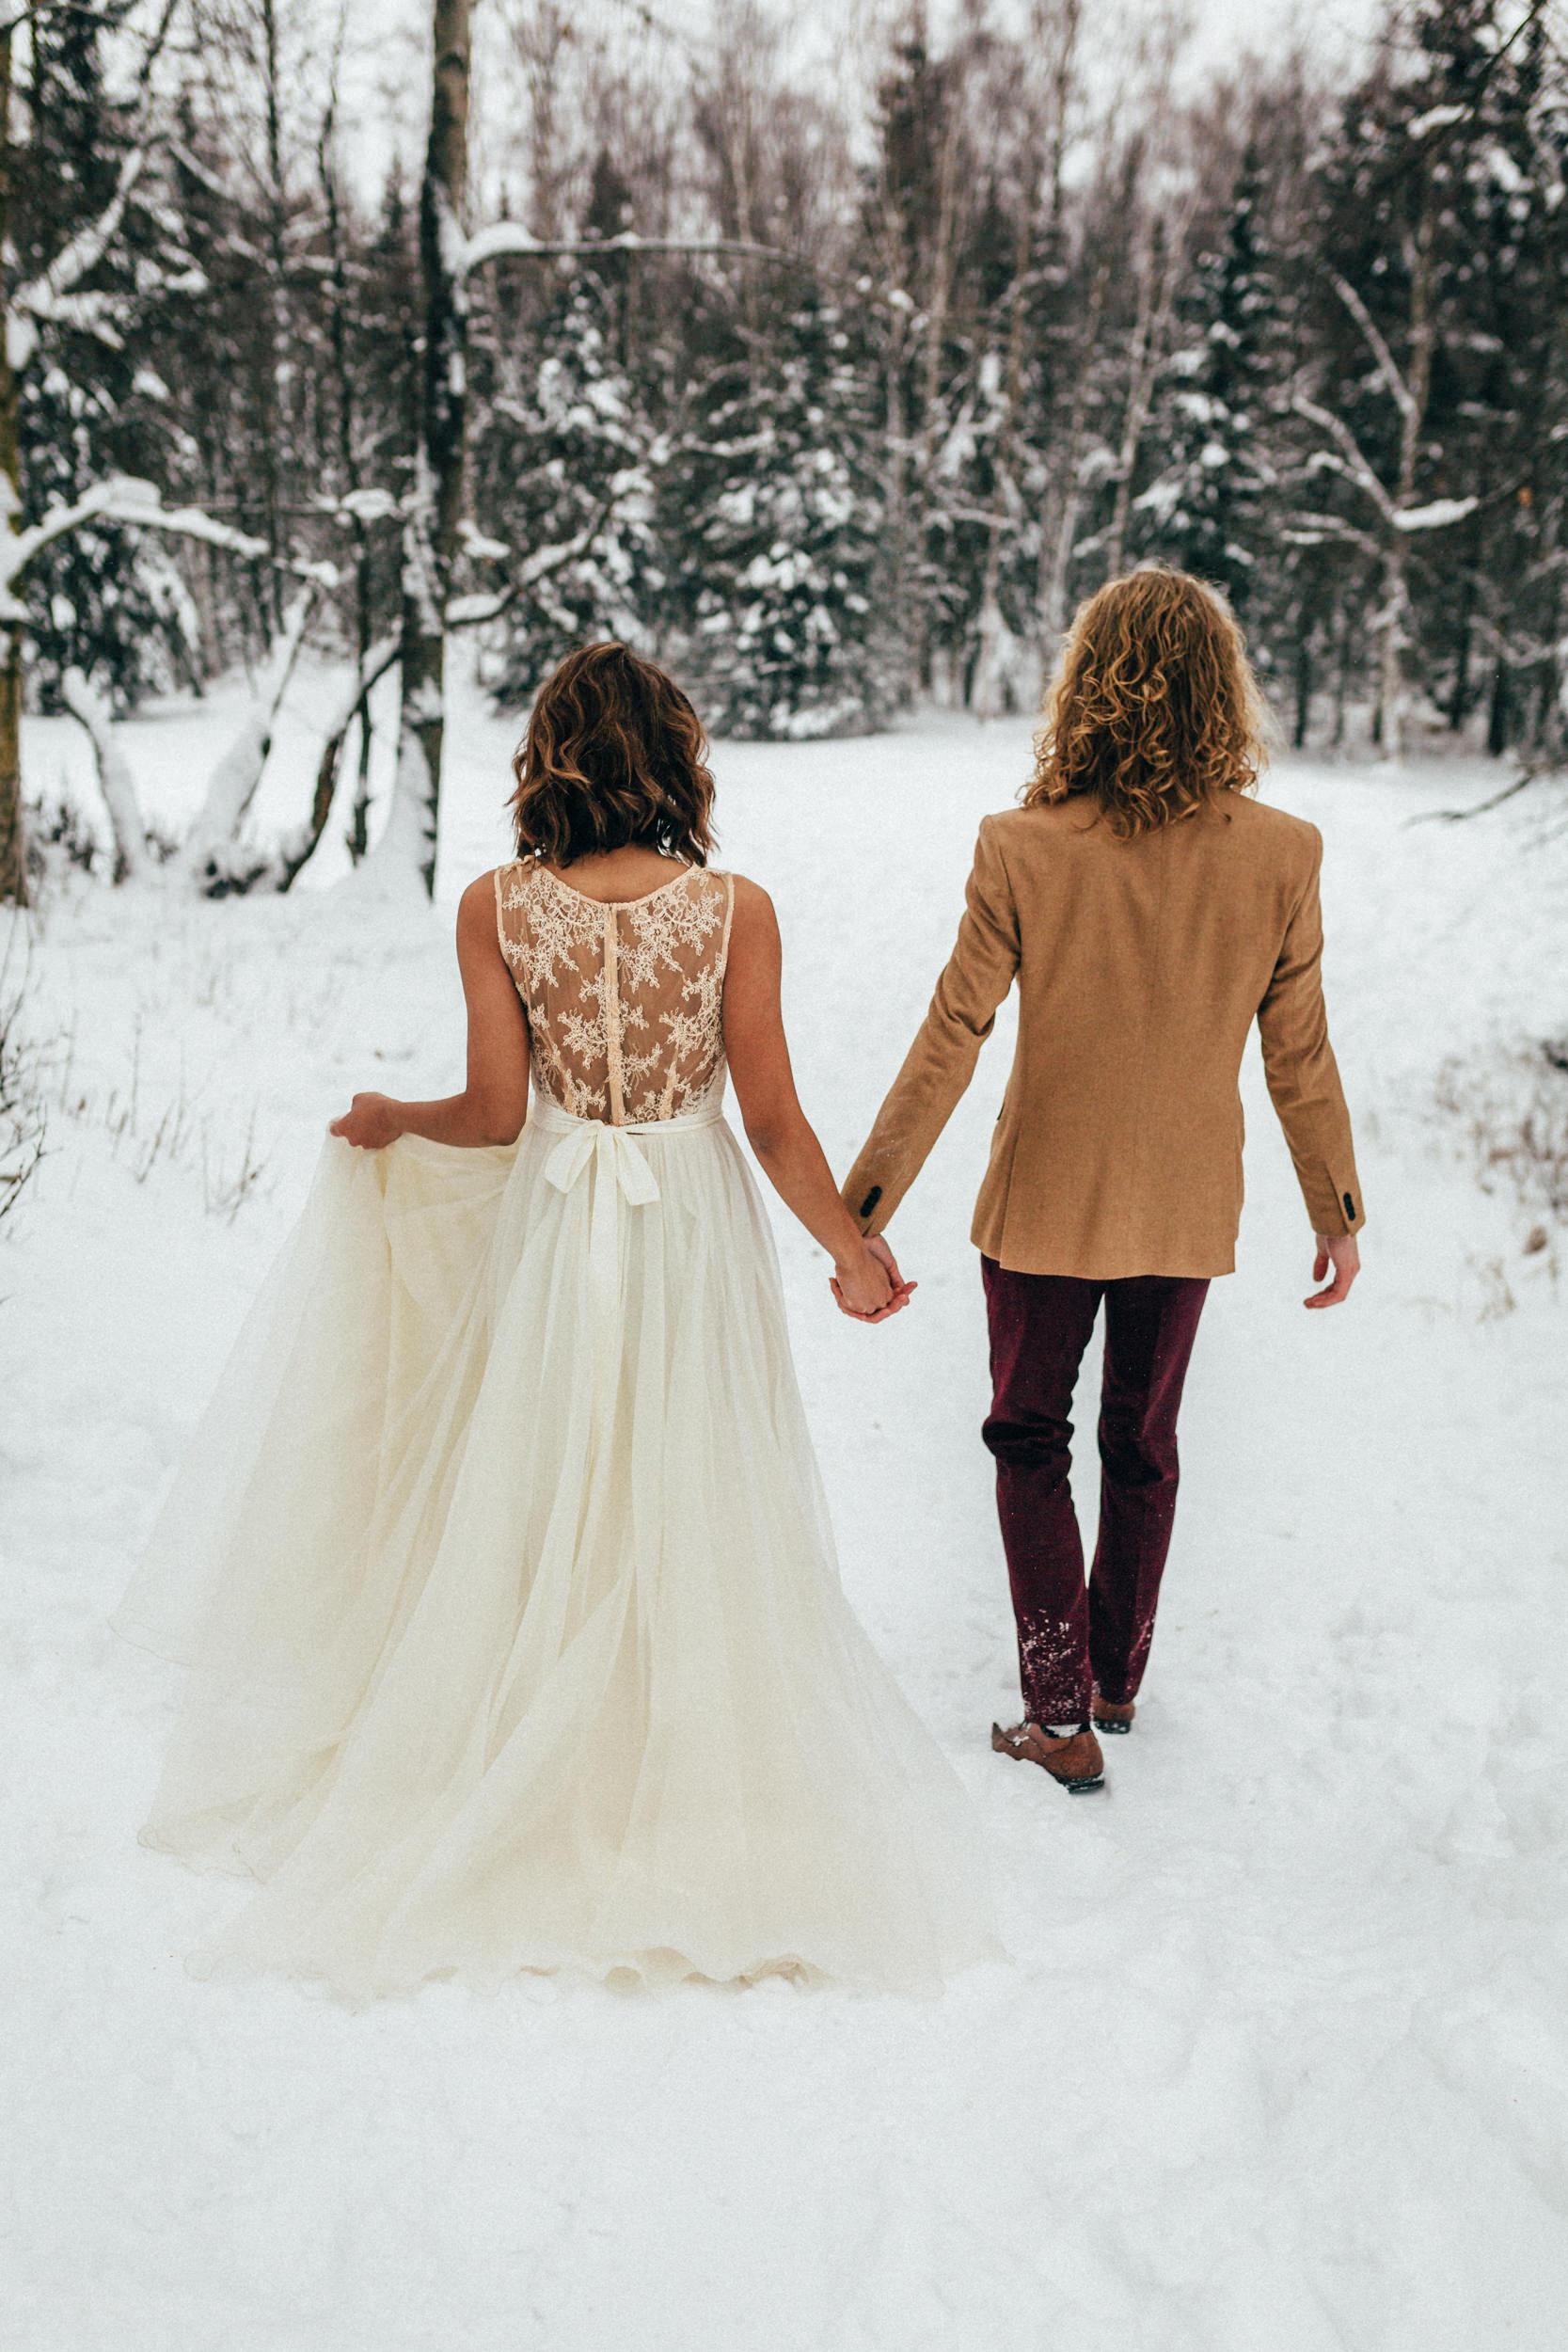 winter-bride-and-groom.jpg